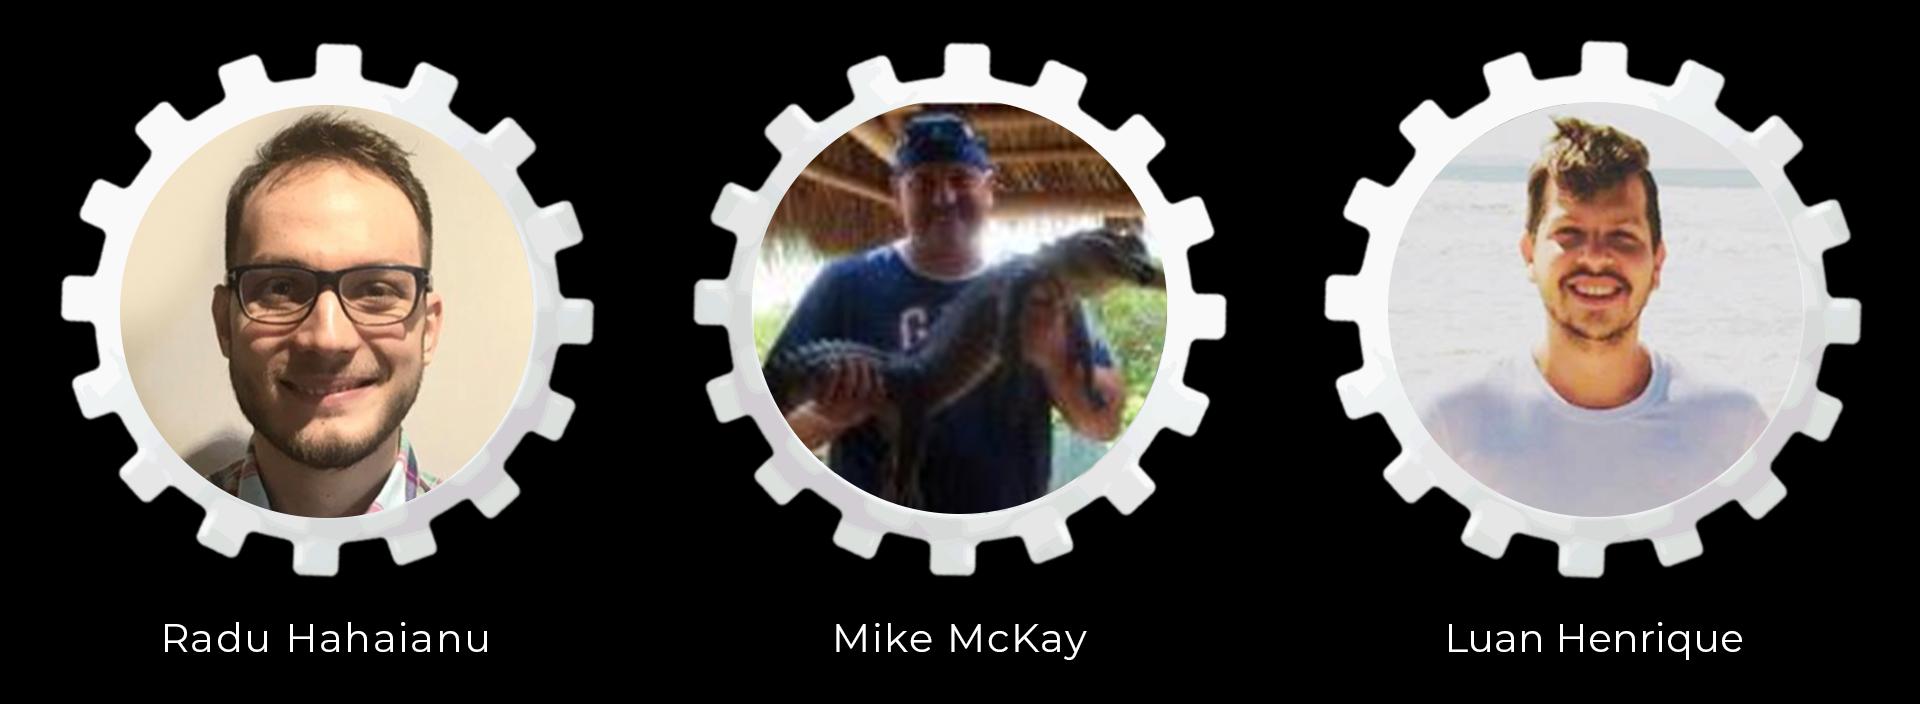 Profit Enigma - Mike Mckay team